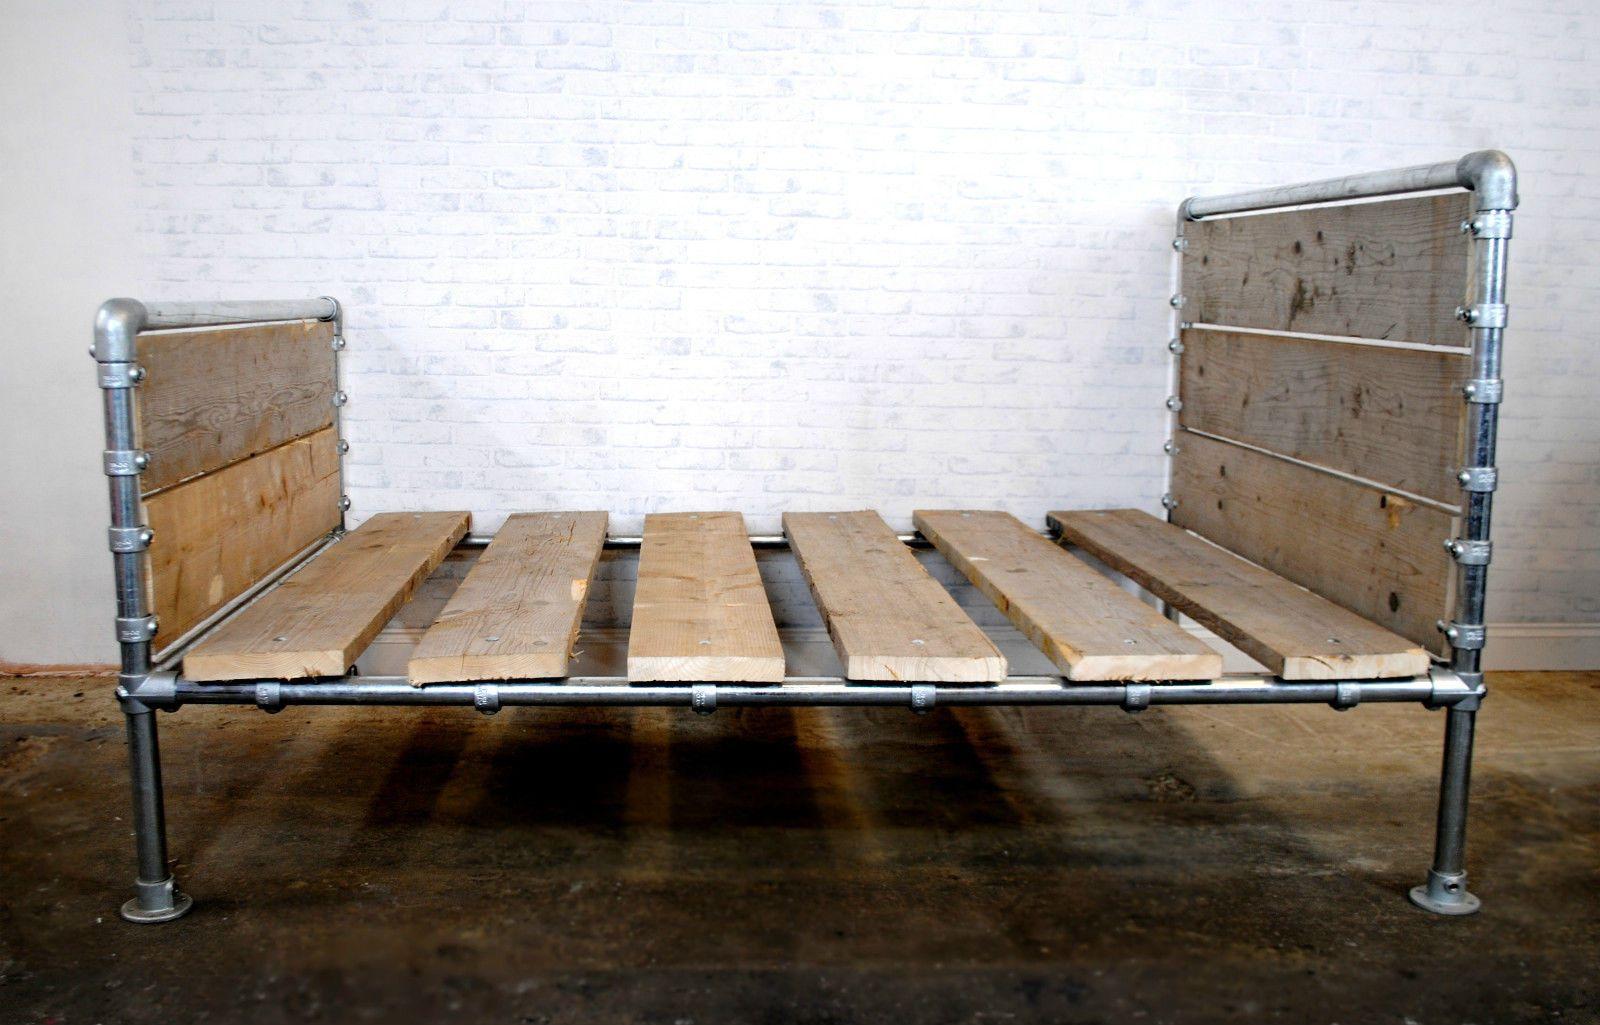 Galvanized Steel Pipe Reclaimed Scaffolding Board Urban ...